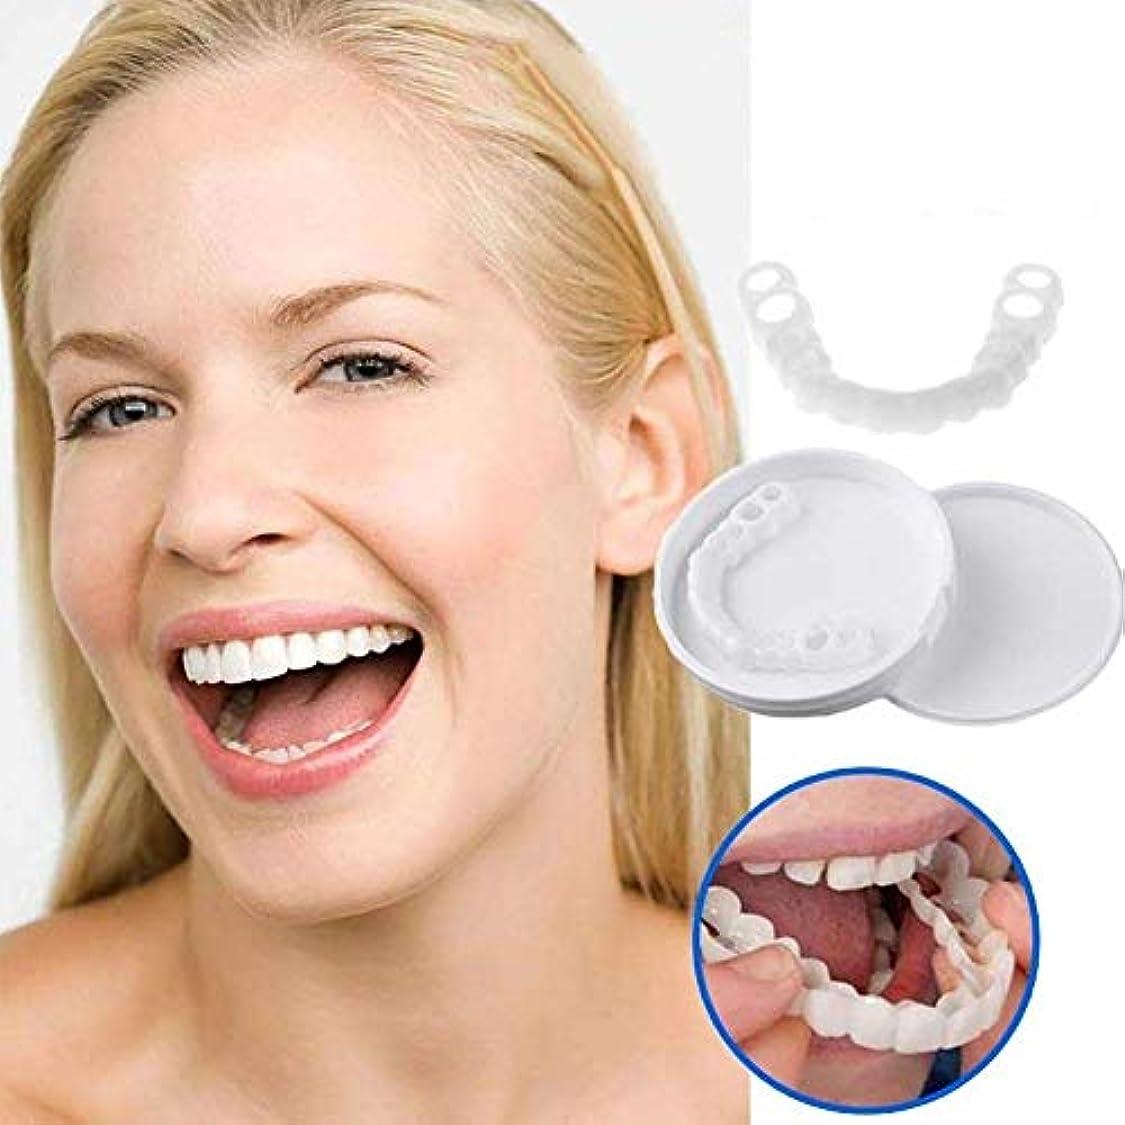 有毒な自治虚弱ベニアの歯の1ペア、化粧品の歯 - 一時的な笑顔と快適なフィット柔らかい化粧品の歯、すべてが最もフィットし、快適な上下のベニヤ - 歯のベニア(下+上)